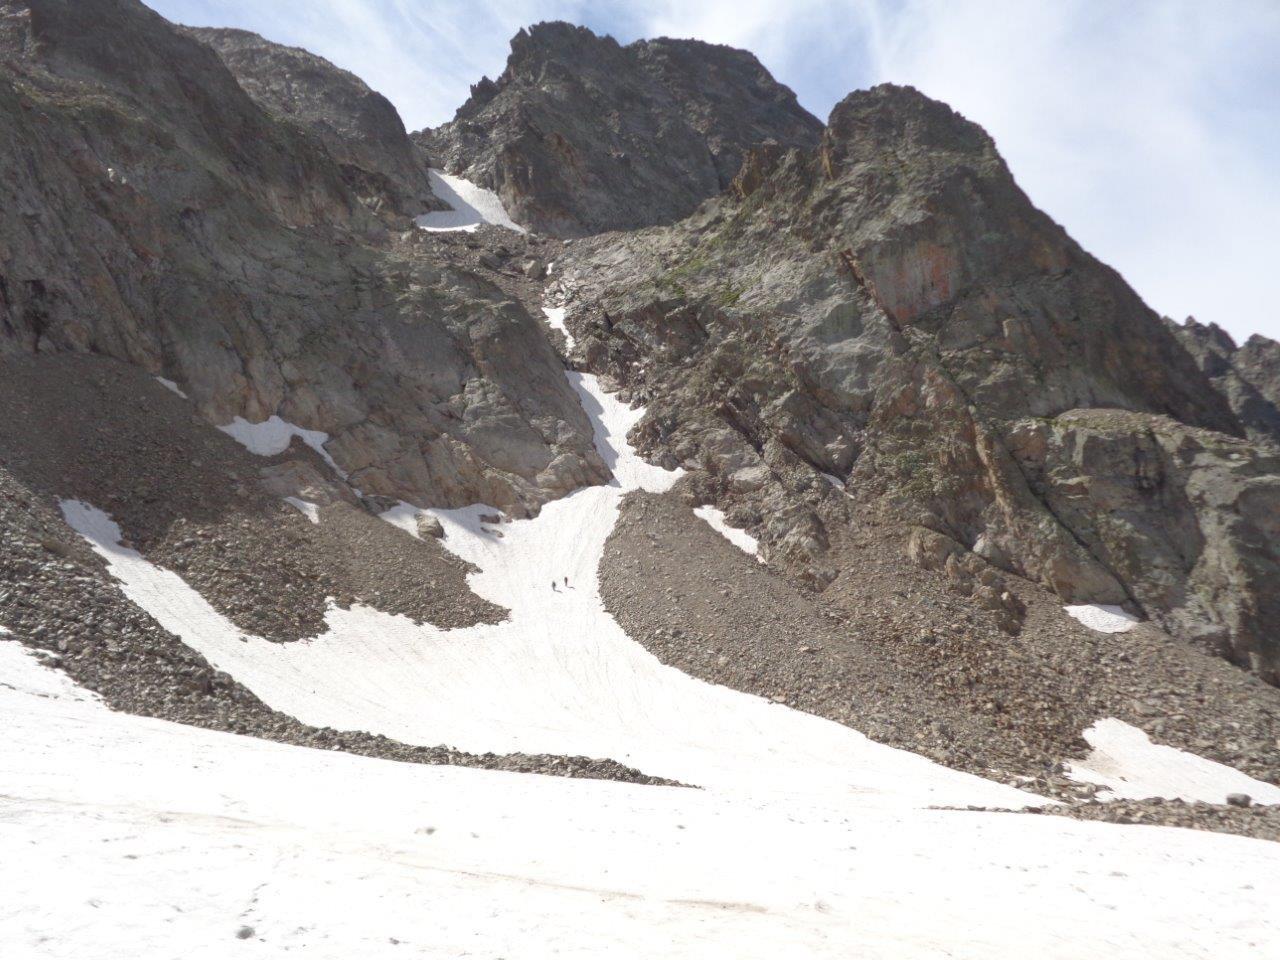 il canale che scende dal Colle San Robert; la neve manca nella zona intermedia